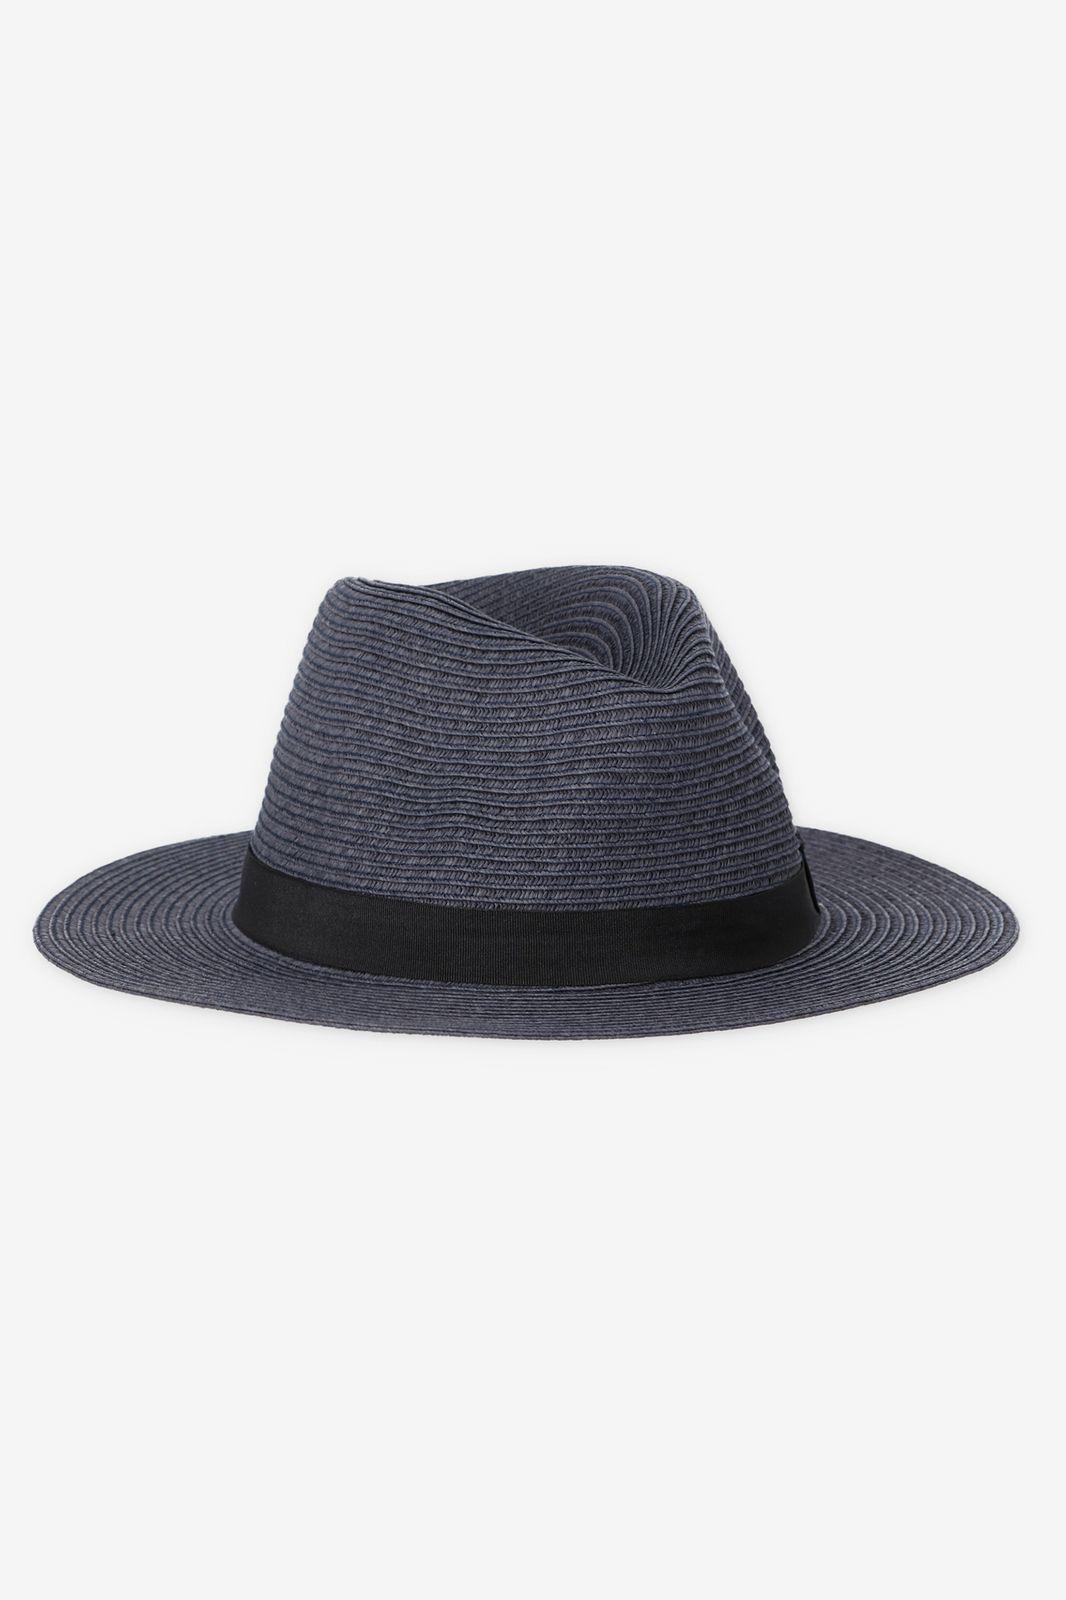 Barts Donkerblauwe aveloz hoed - Heren   Sissy-Boy